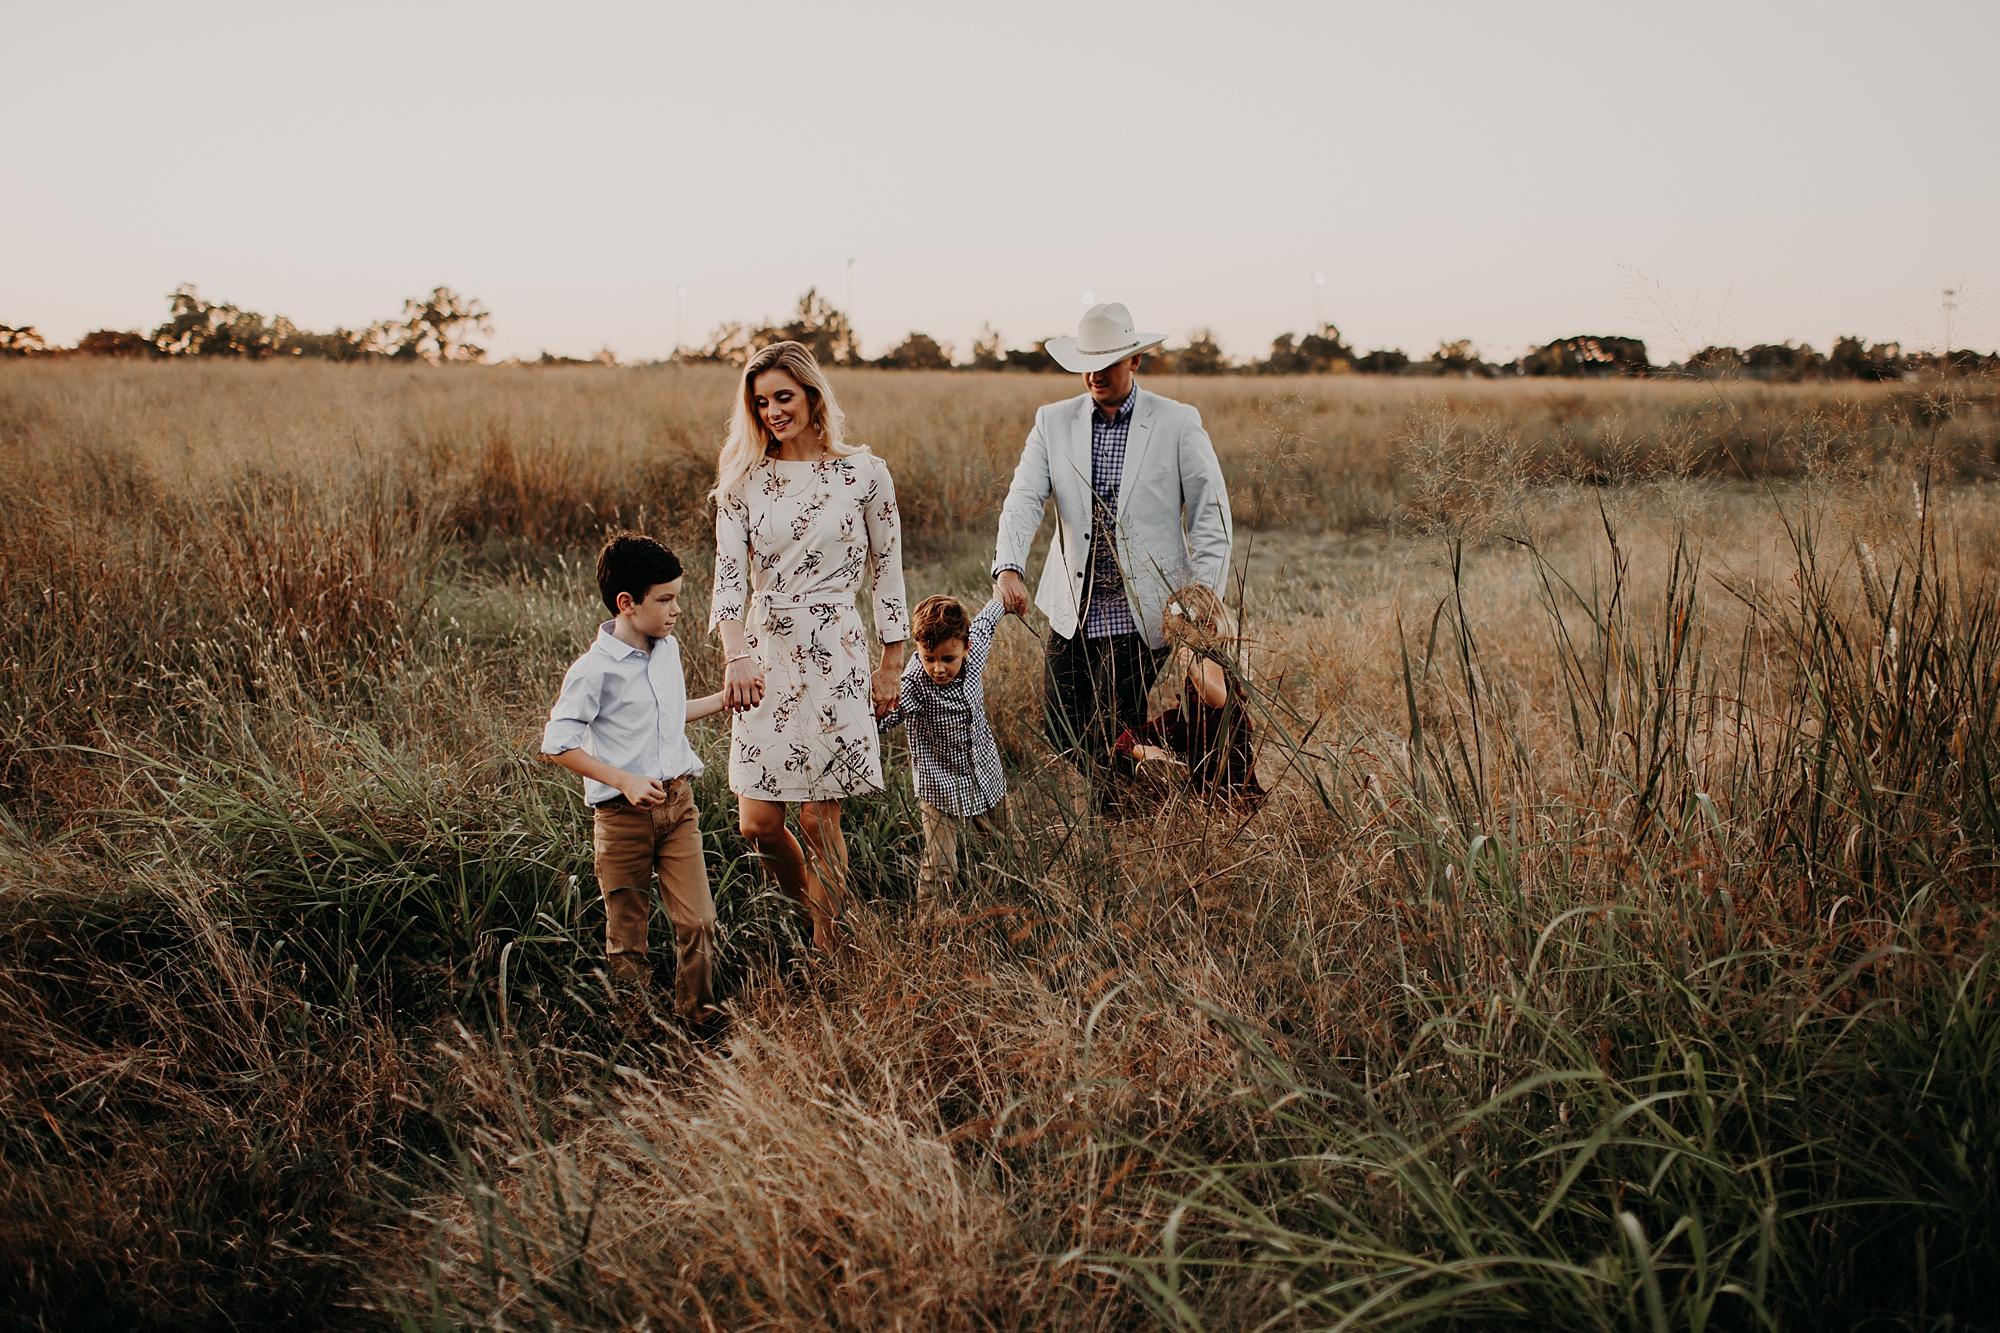 Perkins-San-Antonio-Family-Photographer-55_WEB.jpg